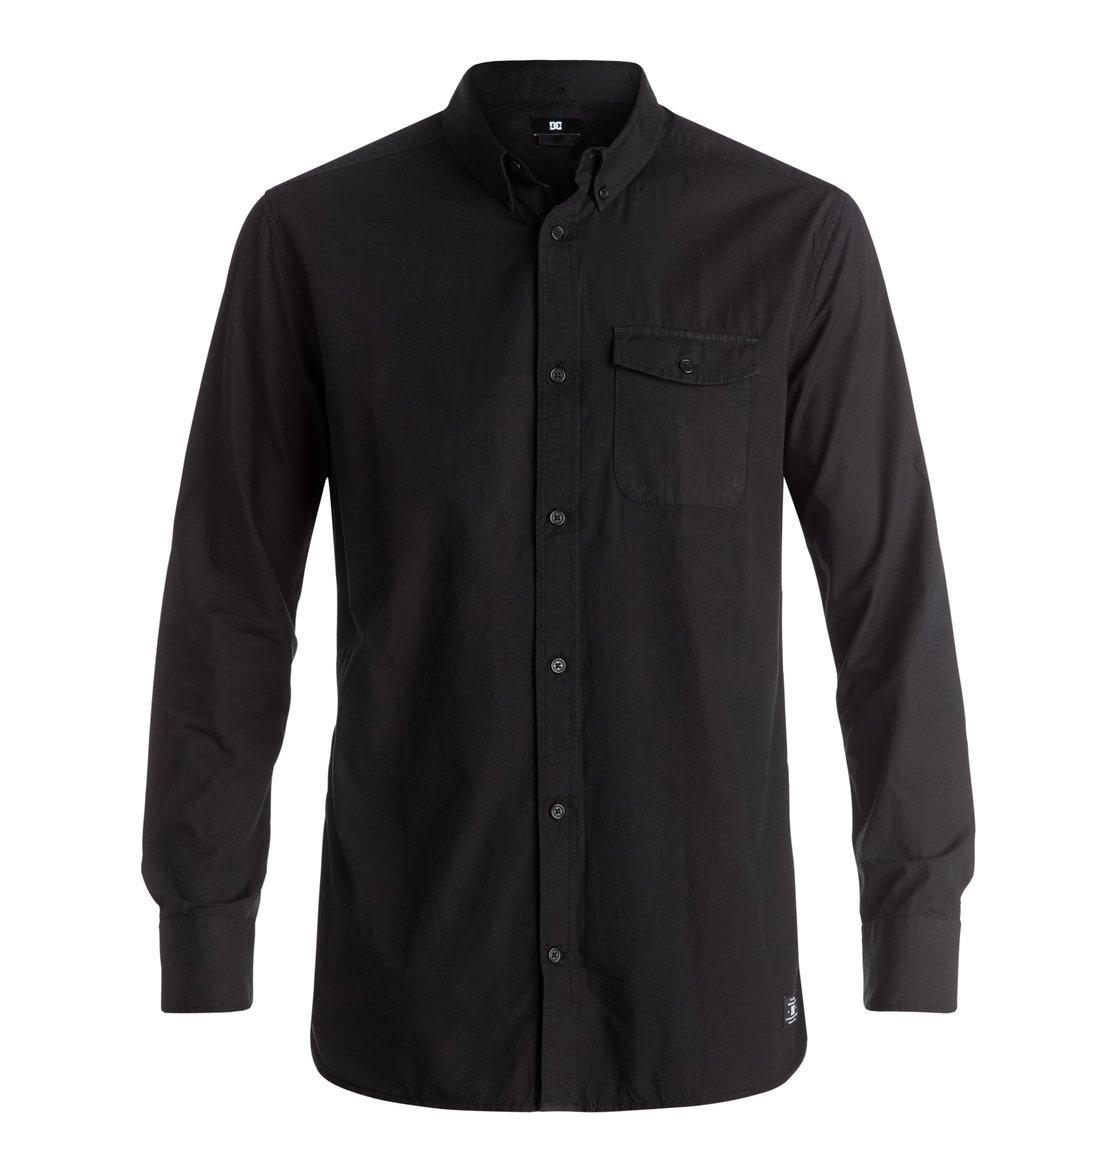 Рубашка Naperville с длинным рукавом от DC Shoes